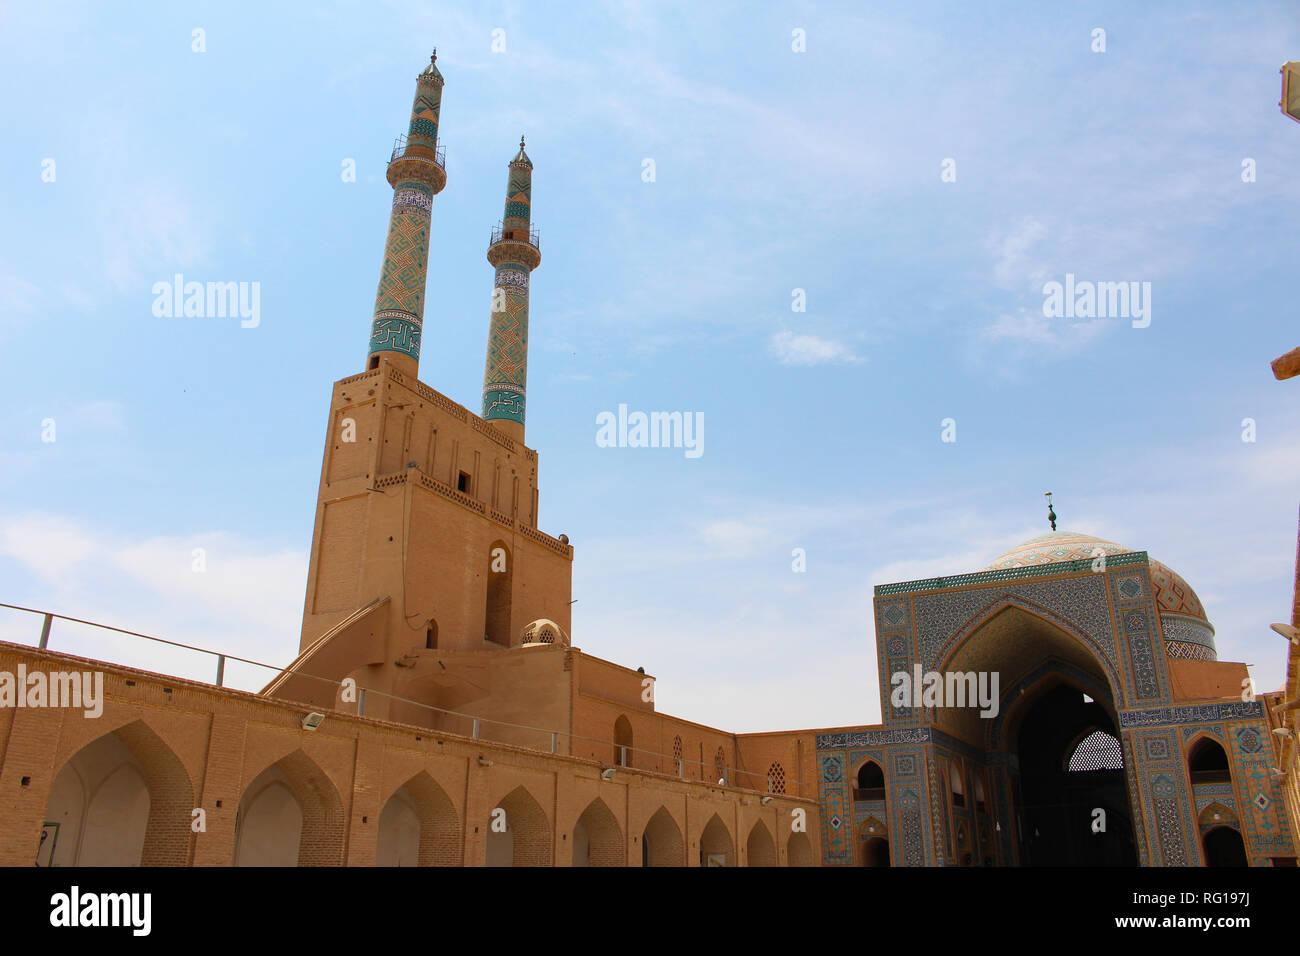 Amir Chakhmaq Complex in Yazd, Iran. Amir Chakhmaq Complex is a Mosque in Yazd, Iran. It also contains a caravanserai, a tekyeh, a bathhouse, and a co - Stock Image